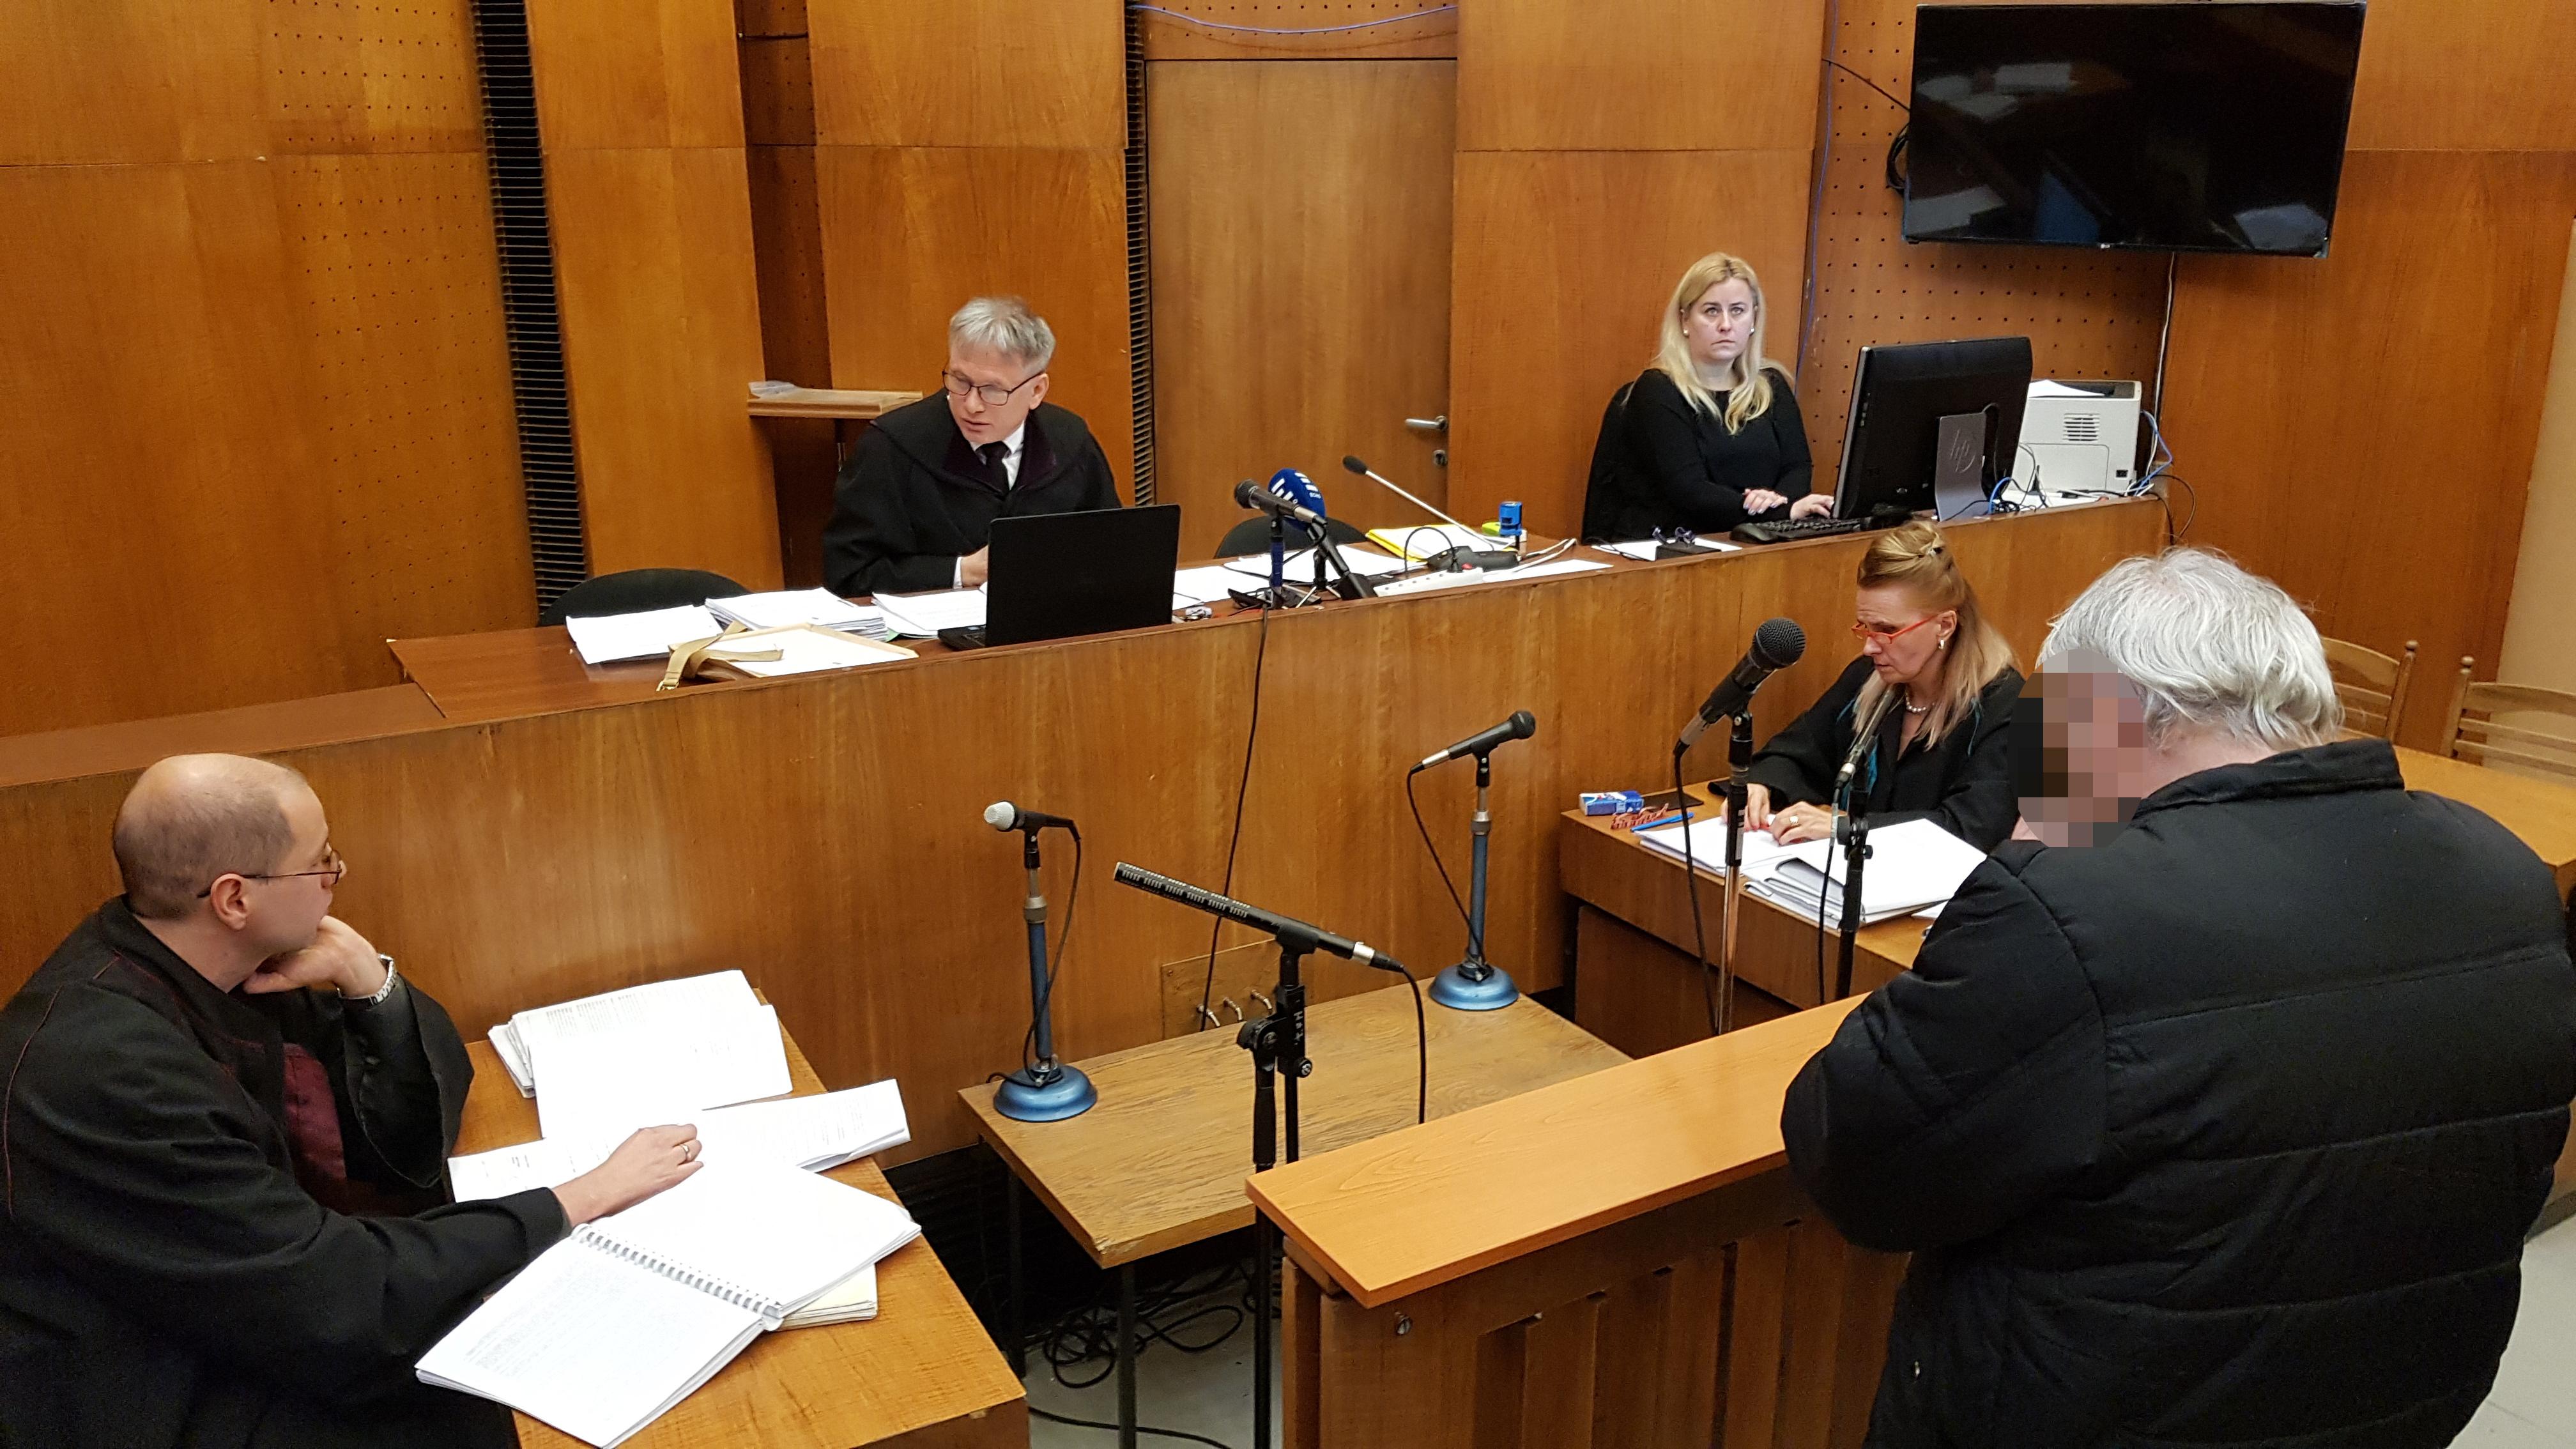 Tárgyalást tartottak a magyar bíróságok függetlenségét vizsgáló perben Luxemburgban